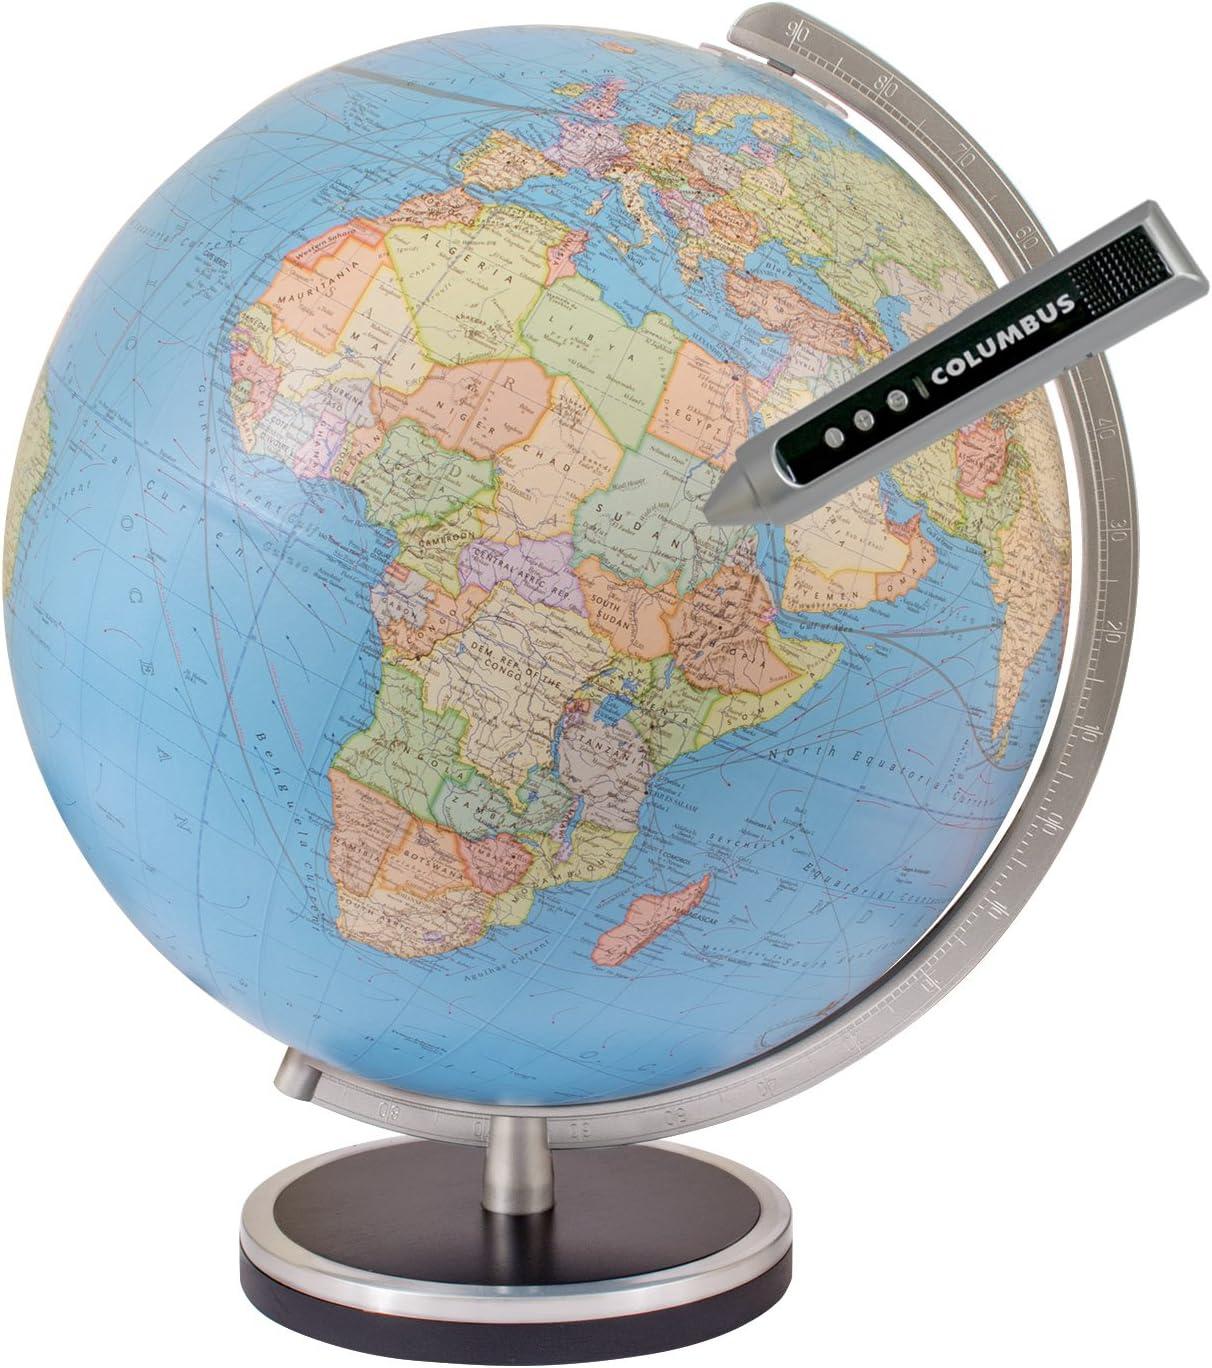 Columbus Pathfinder 13 Inch Illuminated Interactive Desktop Globe